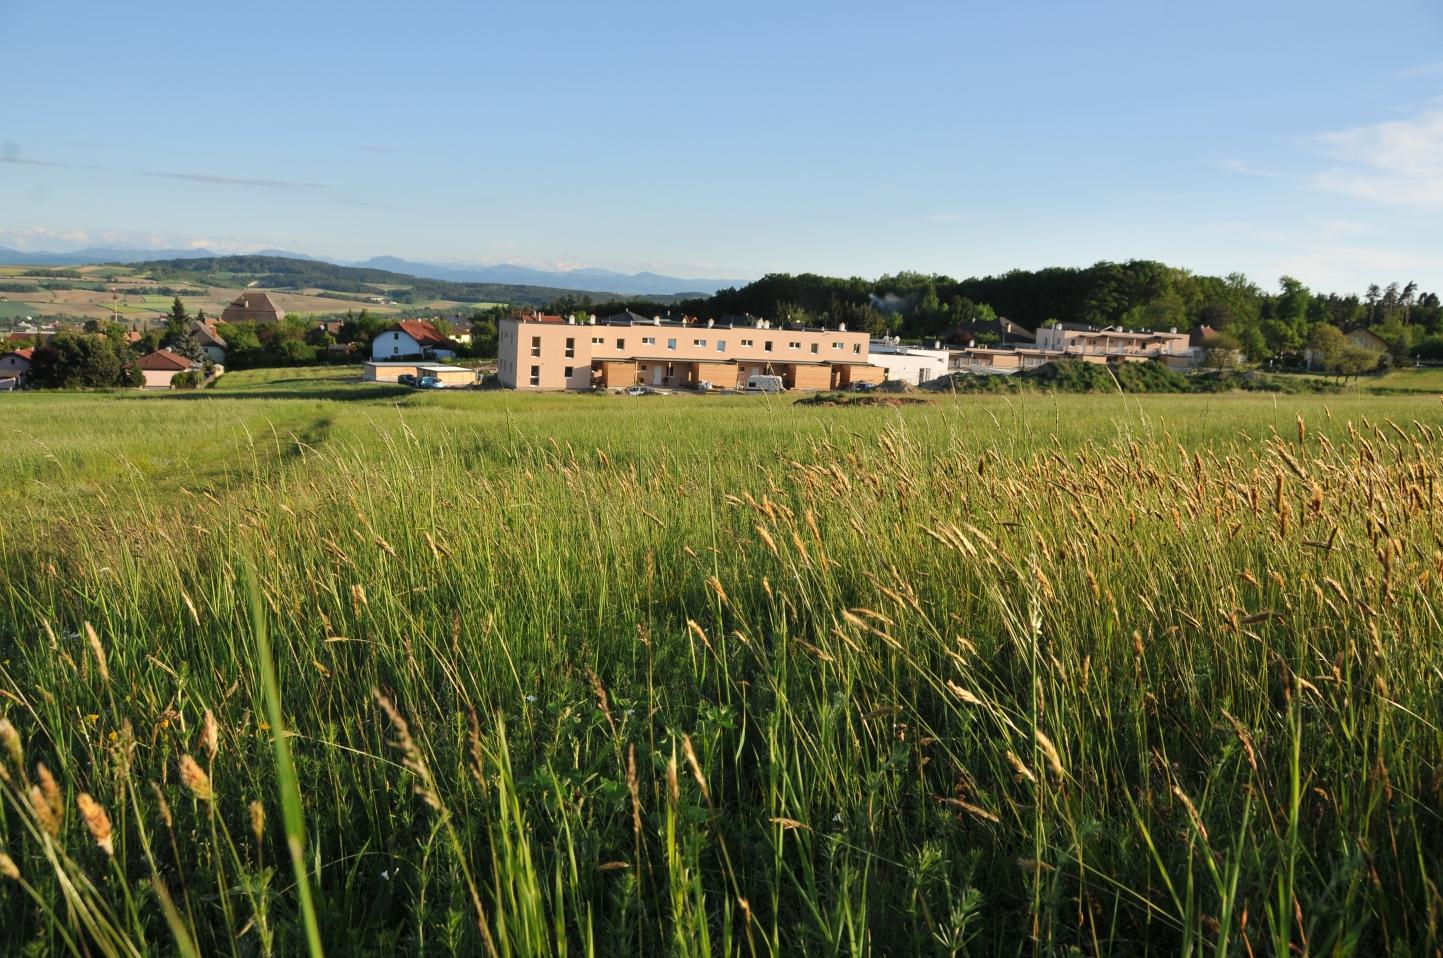 Cohousing-Siedlung Pomali. Außen Wohnsiedlung – innen Gemeinschaft.